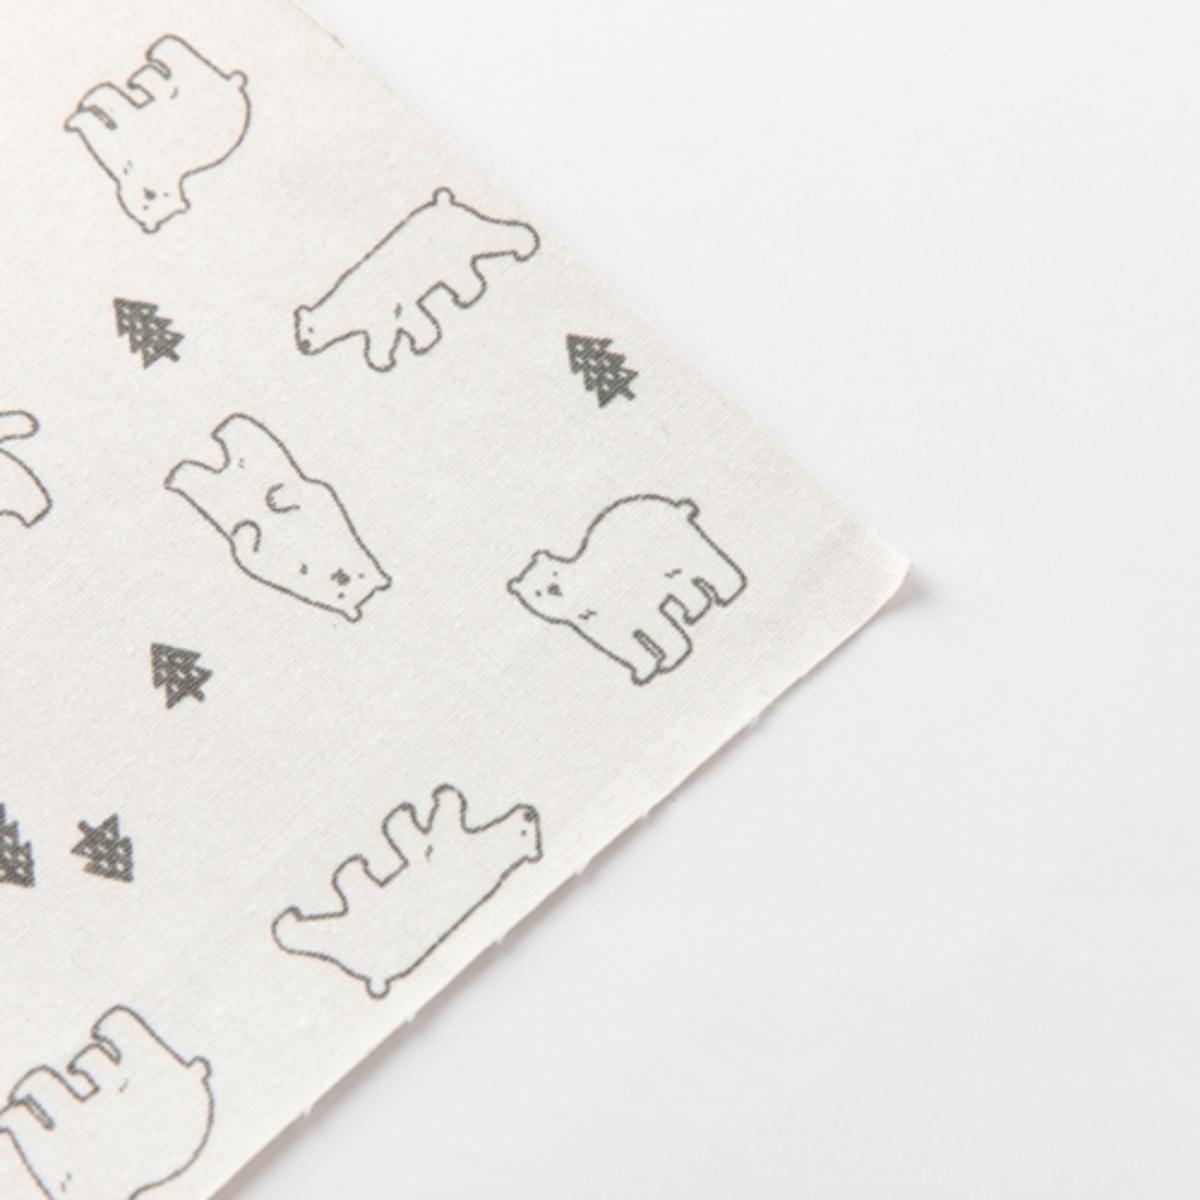 棉貼紙 - 北極熊 | 韓國直送